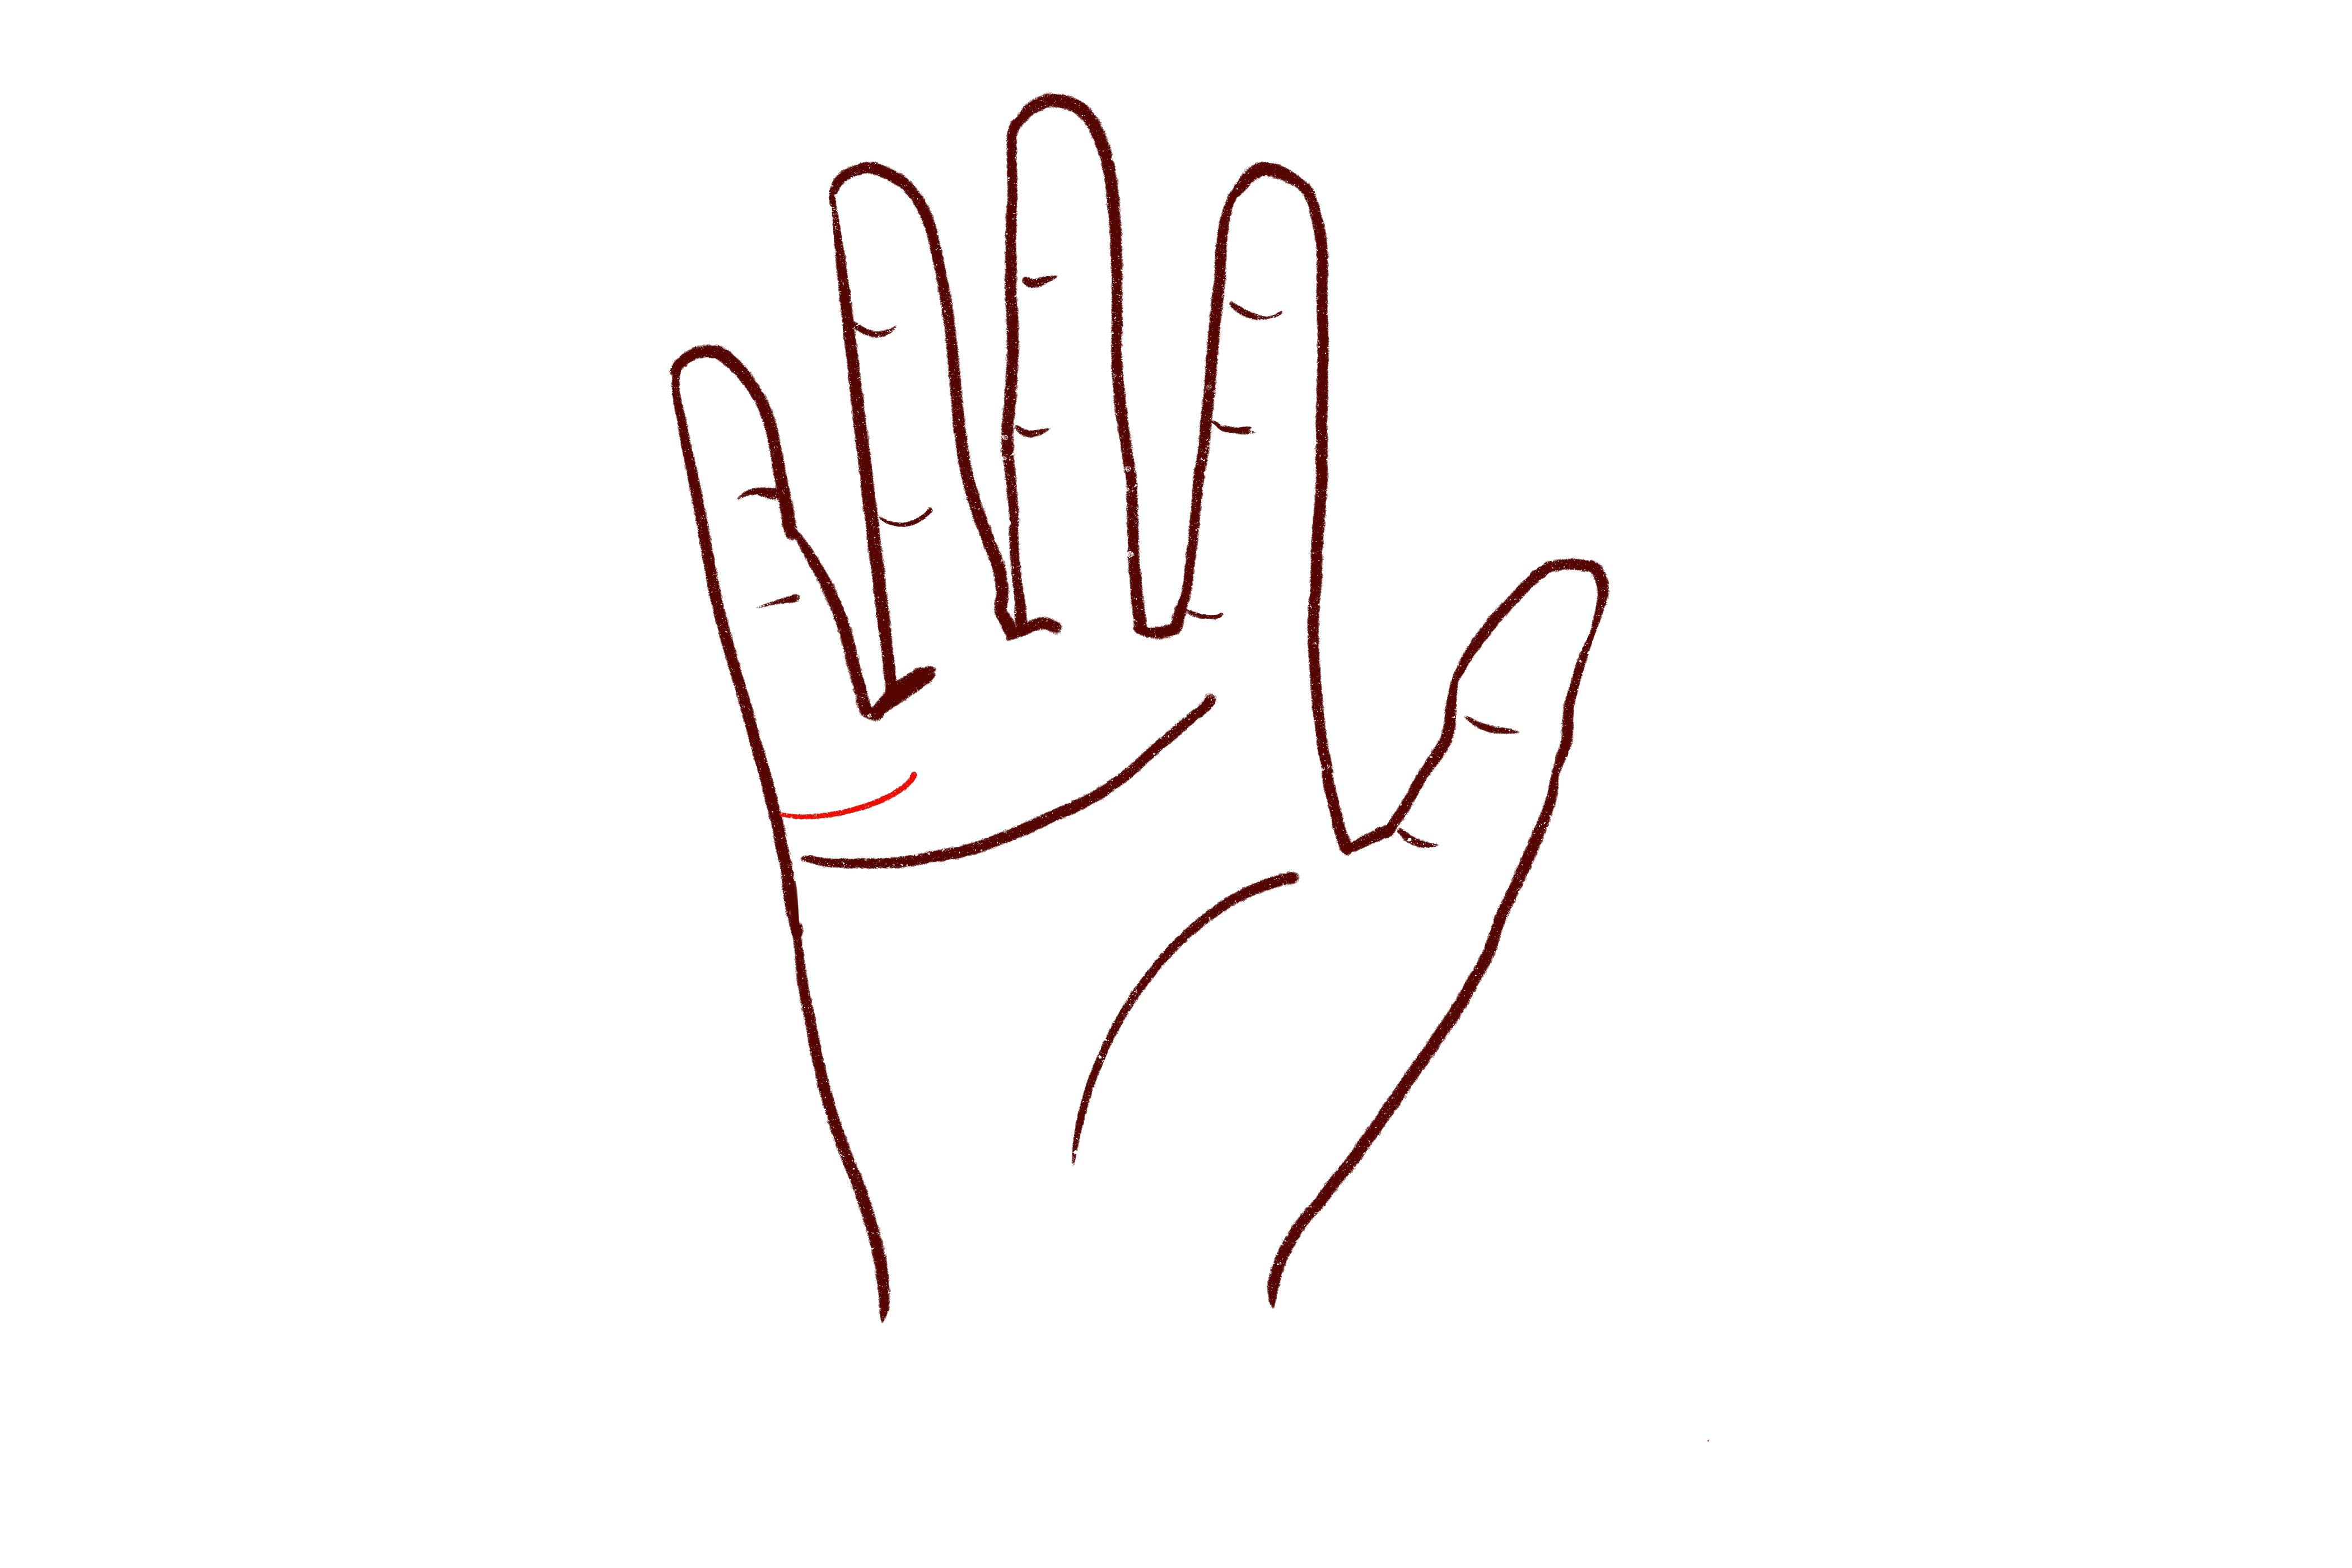 婚姻线的长度超过了小指横截面、深长没有杂纹